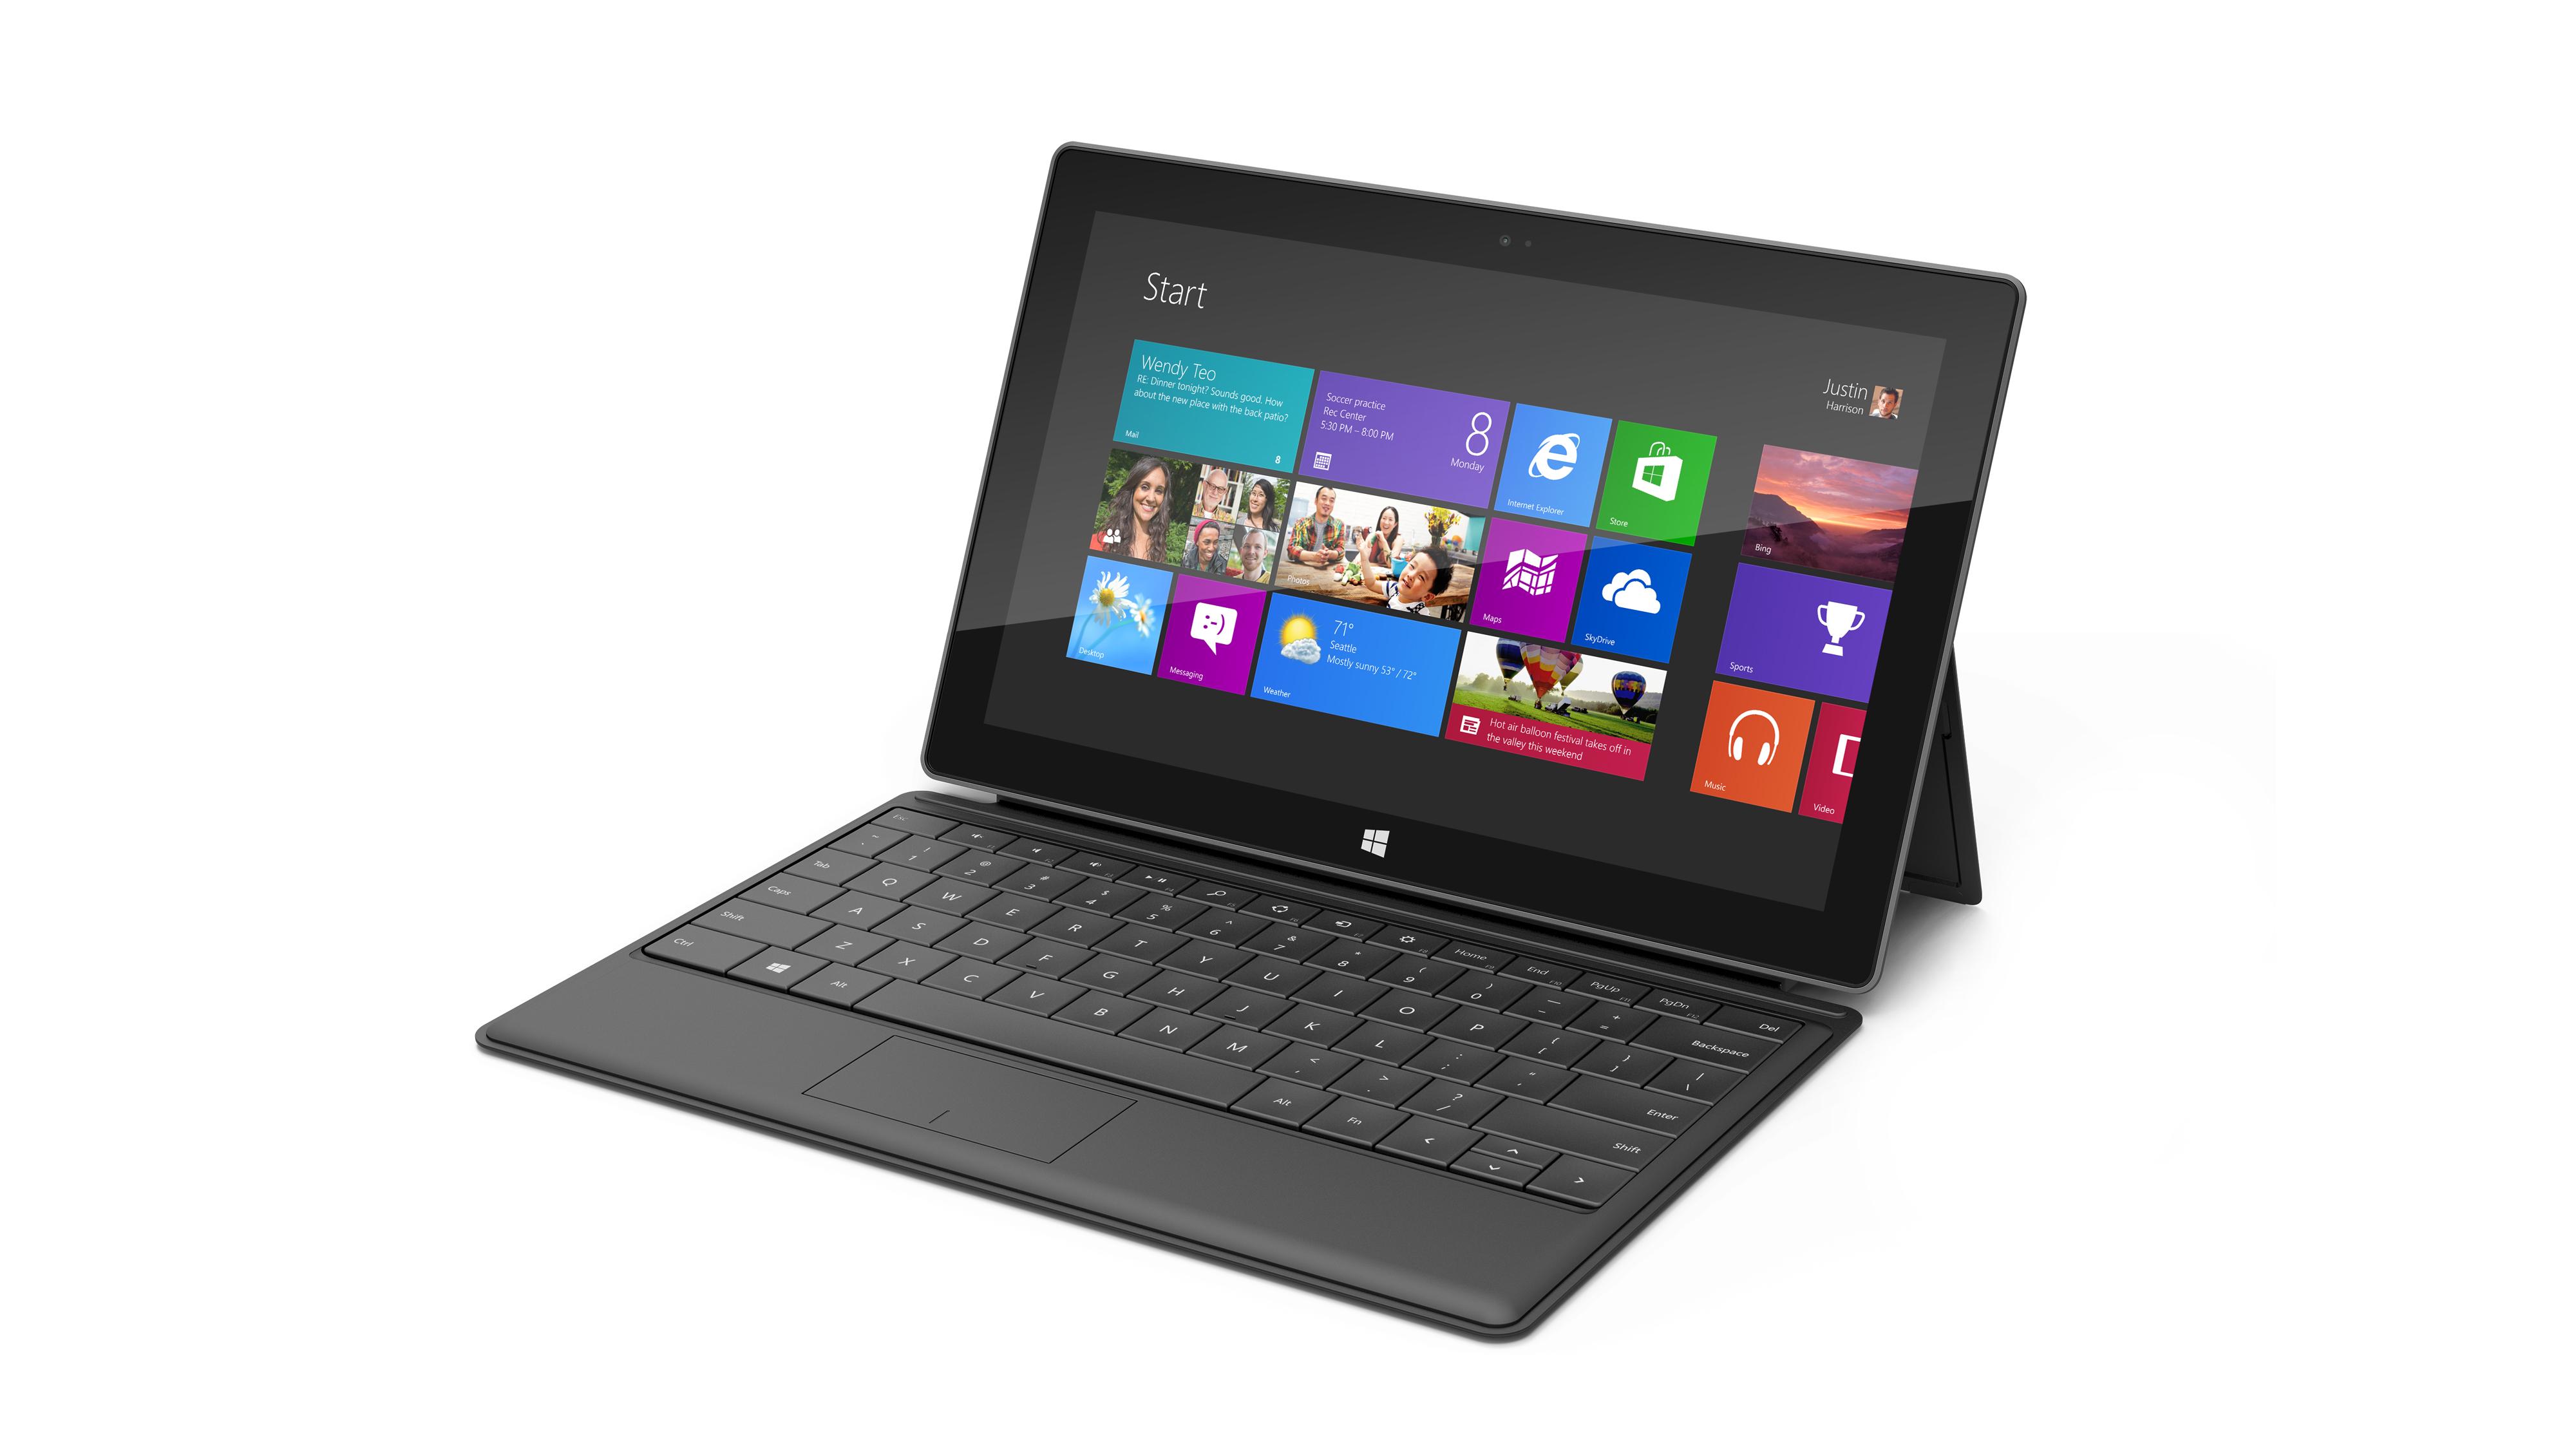 Kupci se zagotovo ne bomo branili tabličnega računalnika Microsoft Surface za ceno 160 evrov. A ne?